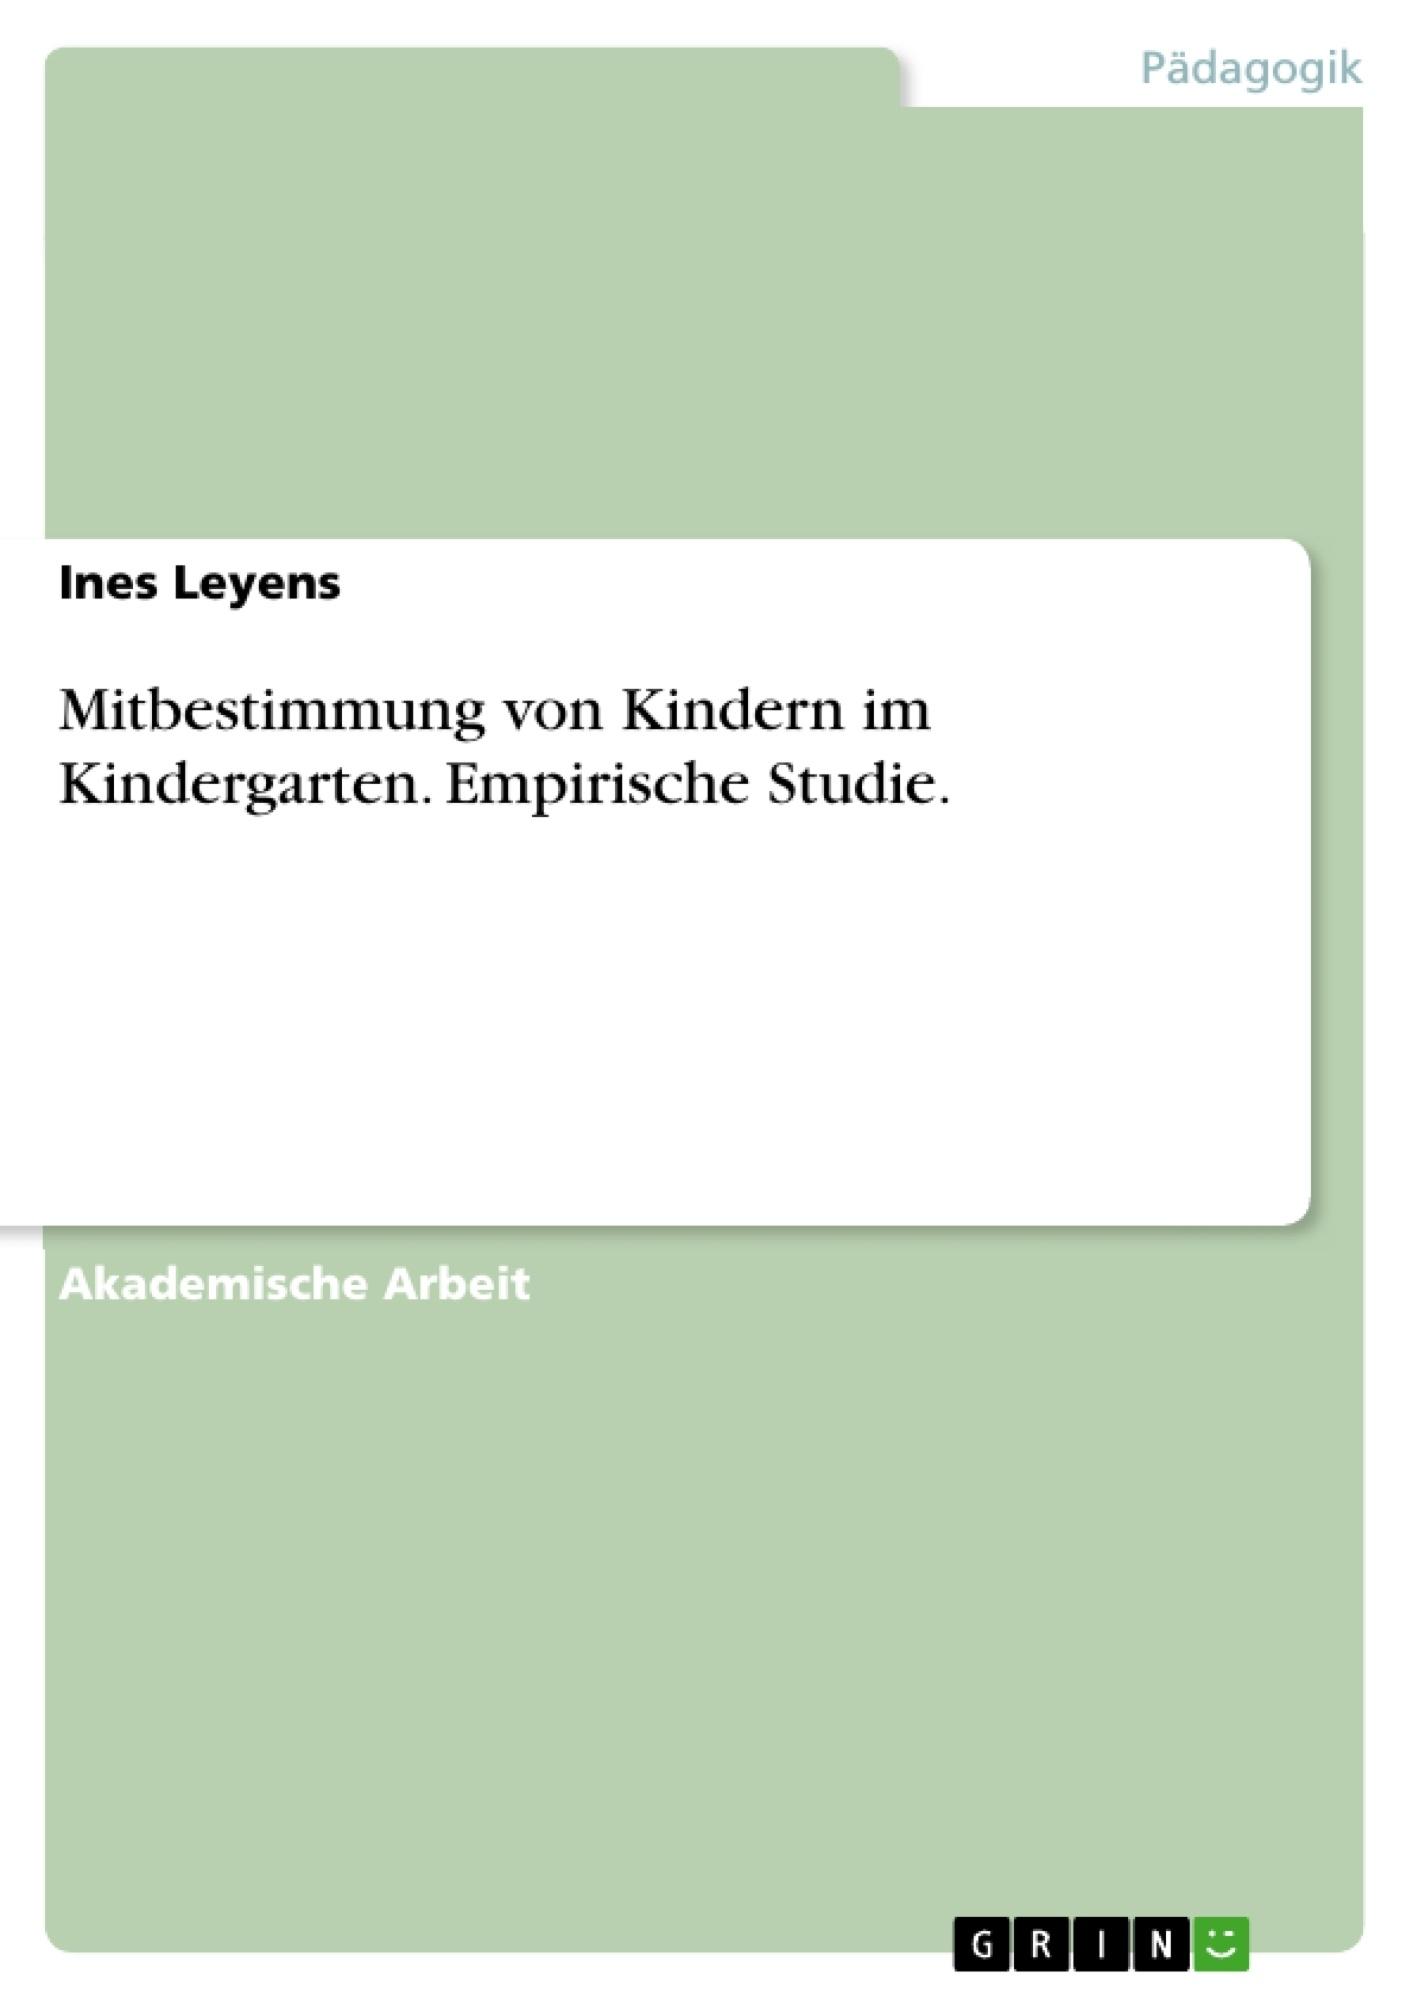 Titel: Mitbestimmung von Kindern im Kindergarten. Empirische Studie.